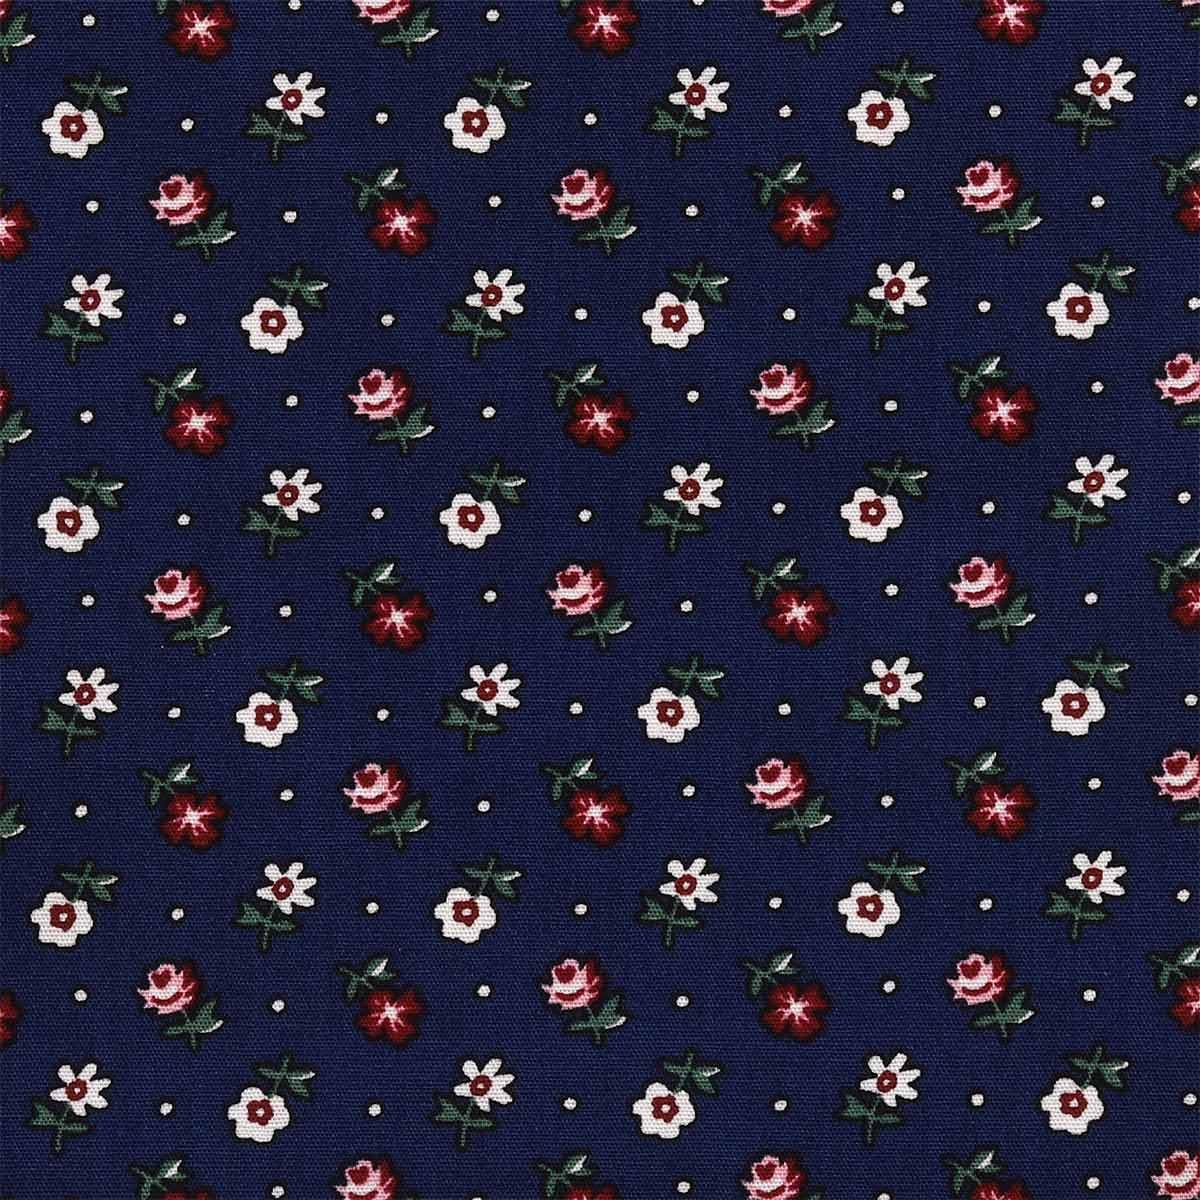 AR1817 Ткань 100% хл, в мелкий цветочек 50*50см Астра